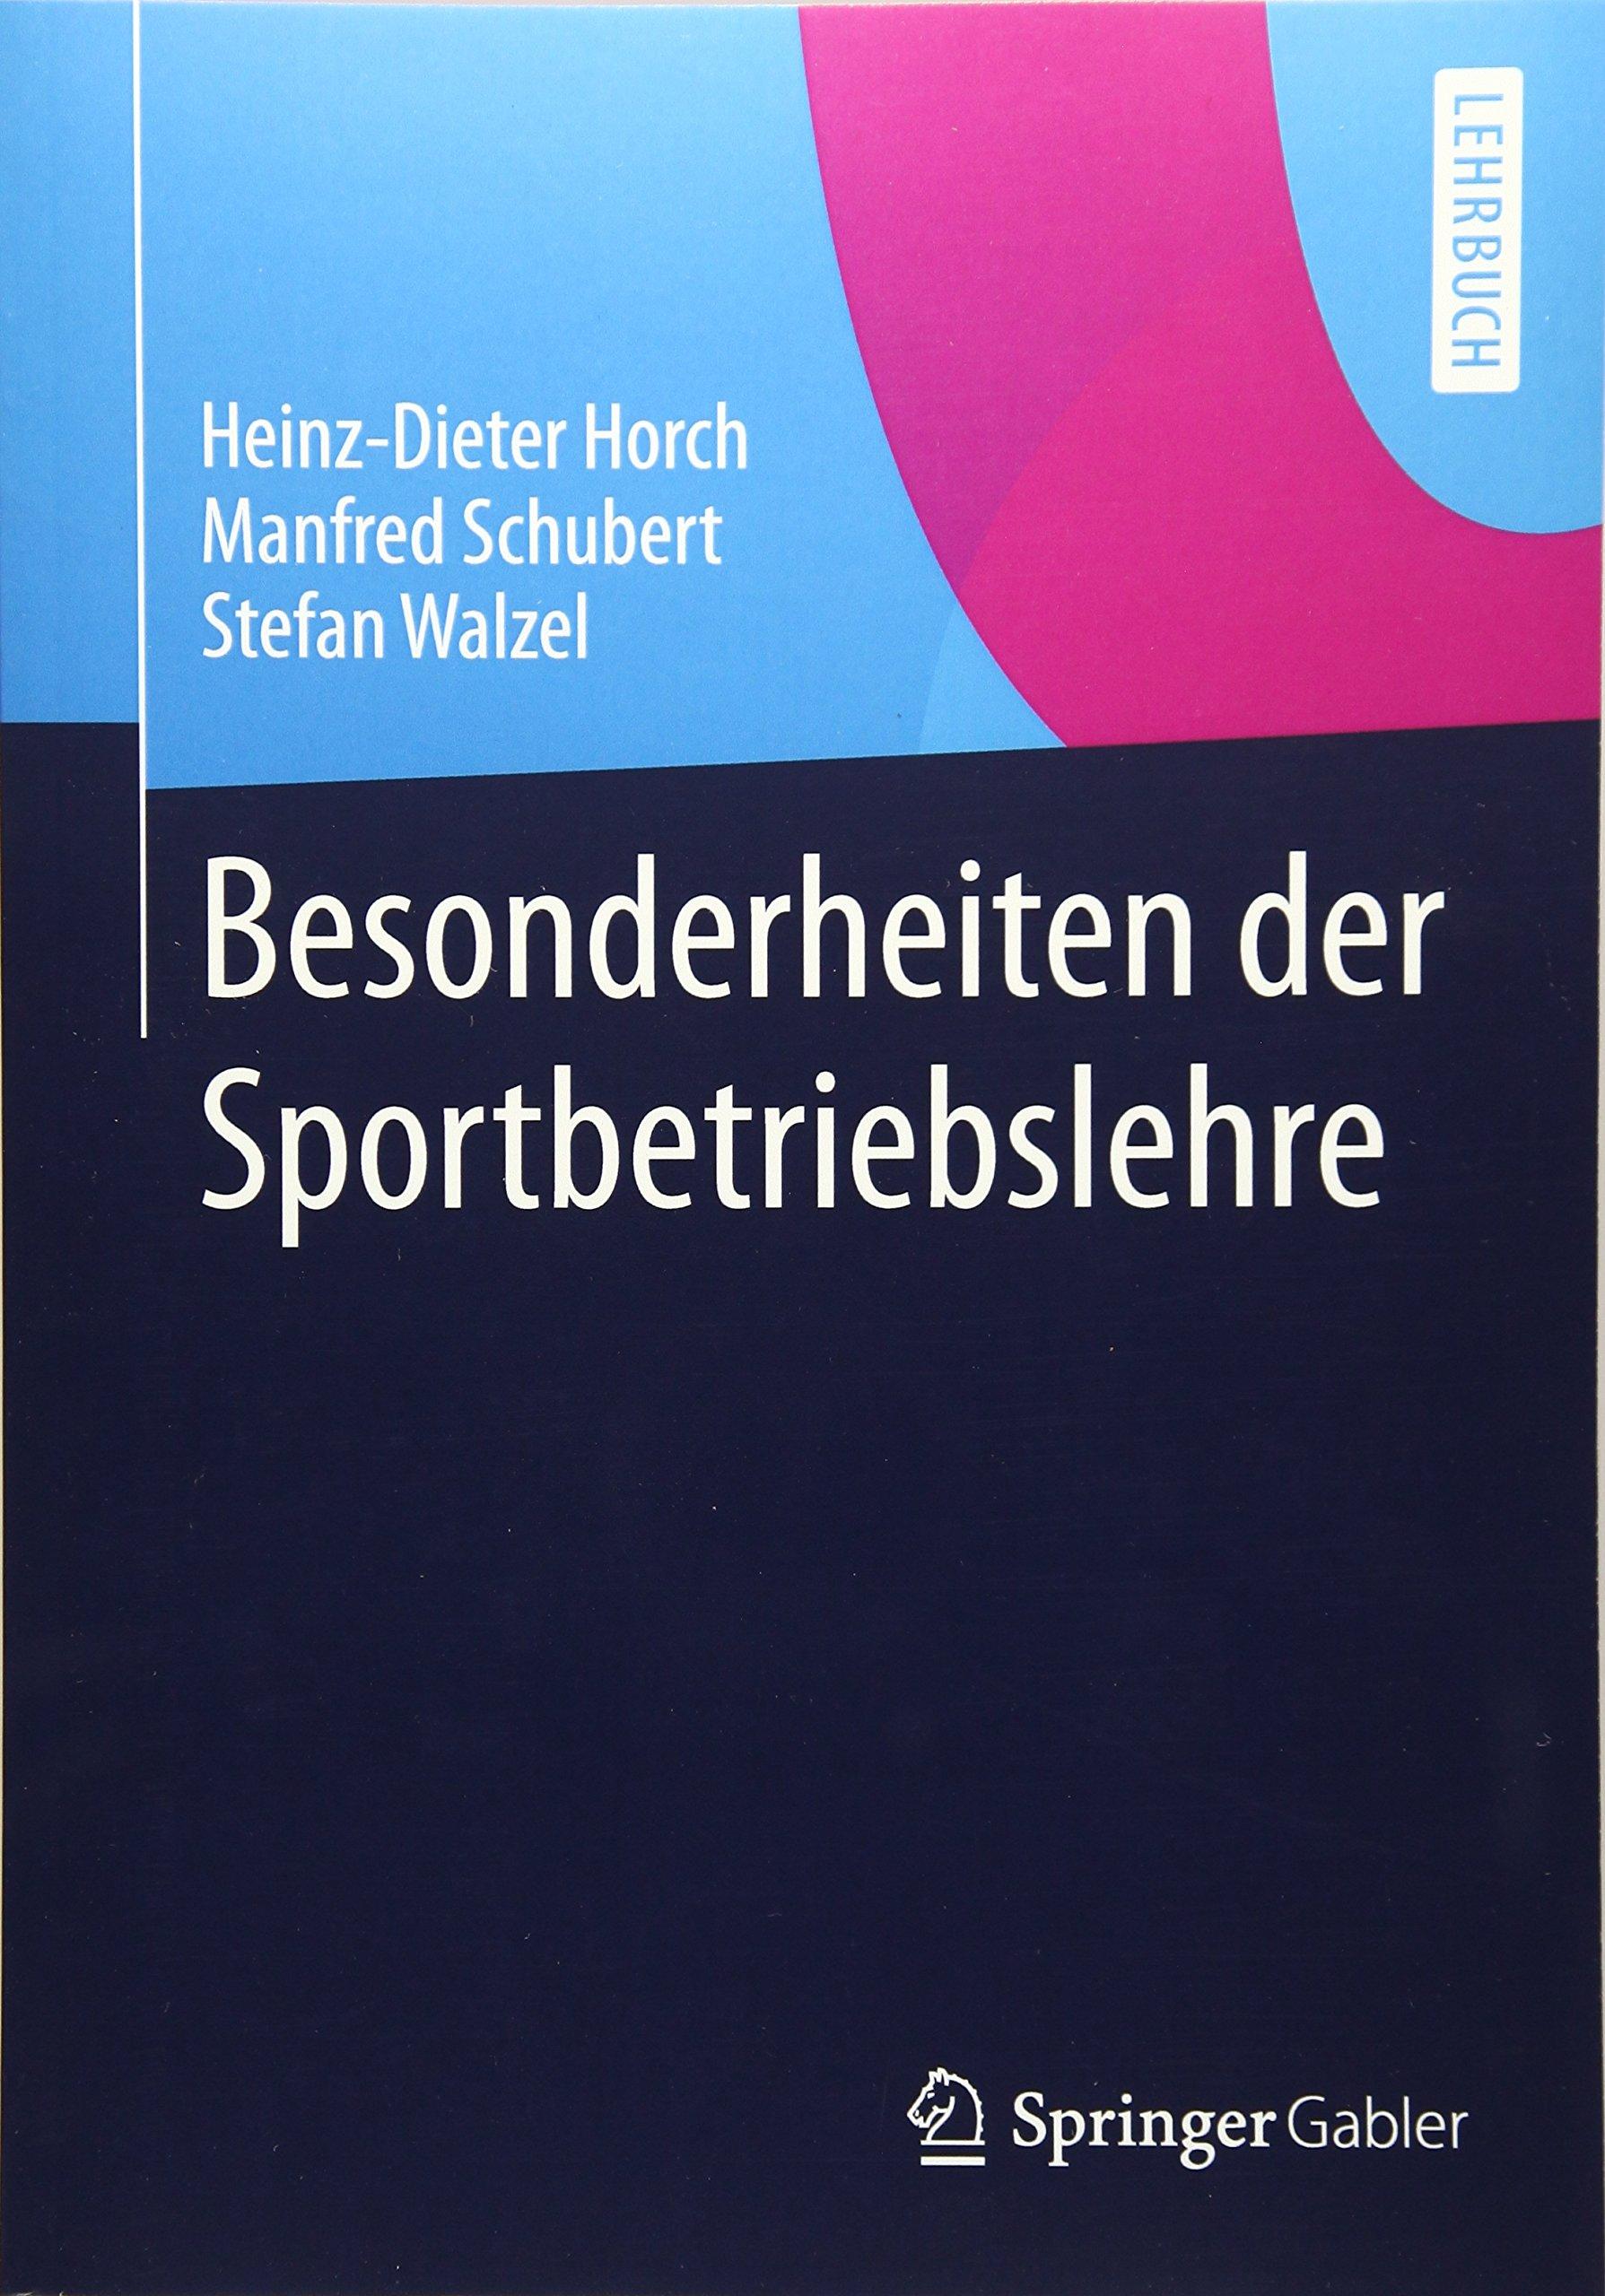 Besonderheiten der Sportbetriebslehre